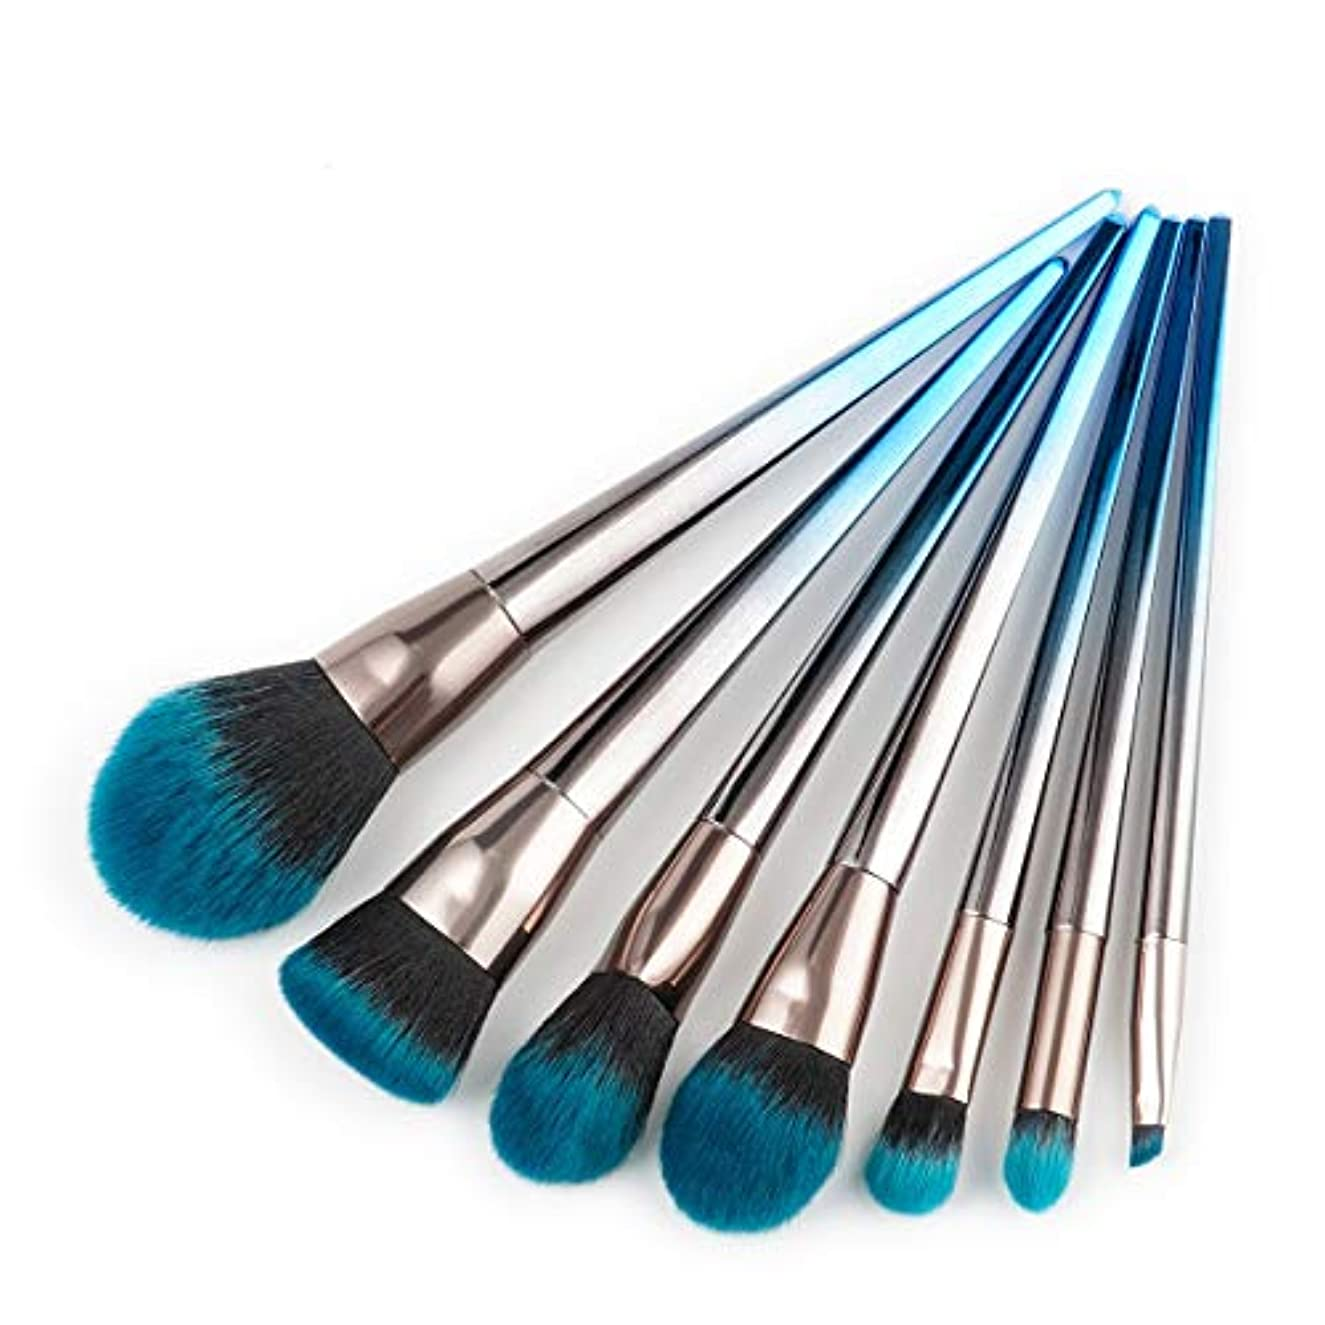 Makeup brushes 7ピースブルーブラックグラデーションメイクブラシセット整形ファンデーション赤面アイシャドウリップブラシフェイシャルメイクアップツール suits (Color : Blue and black...